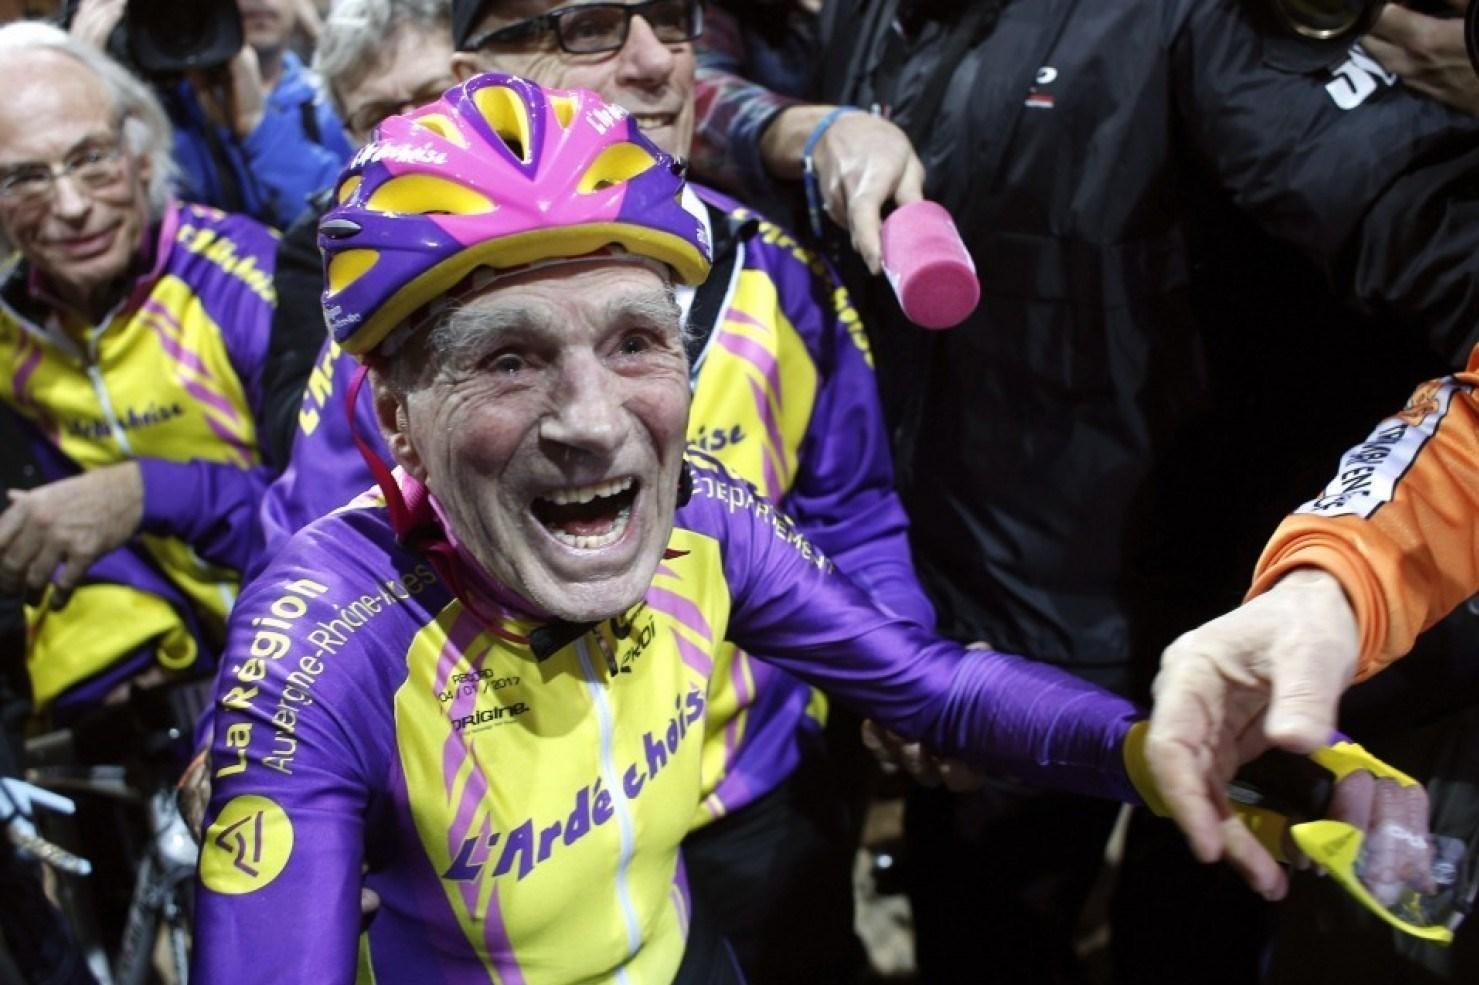 دوچرخهسوار 105 ساله رکورد جدیدی ثبت کرد + فیلم و عکس